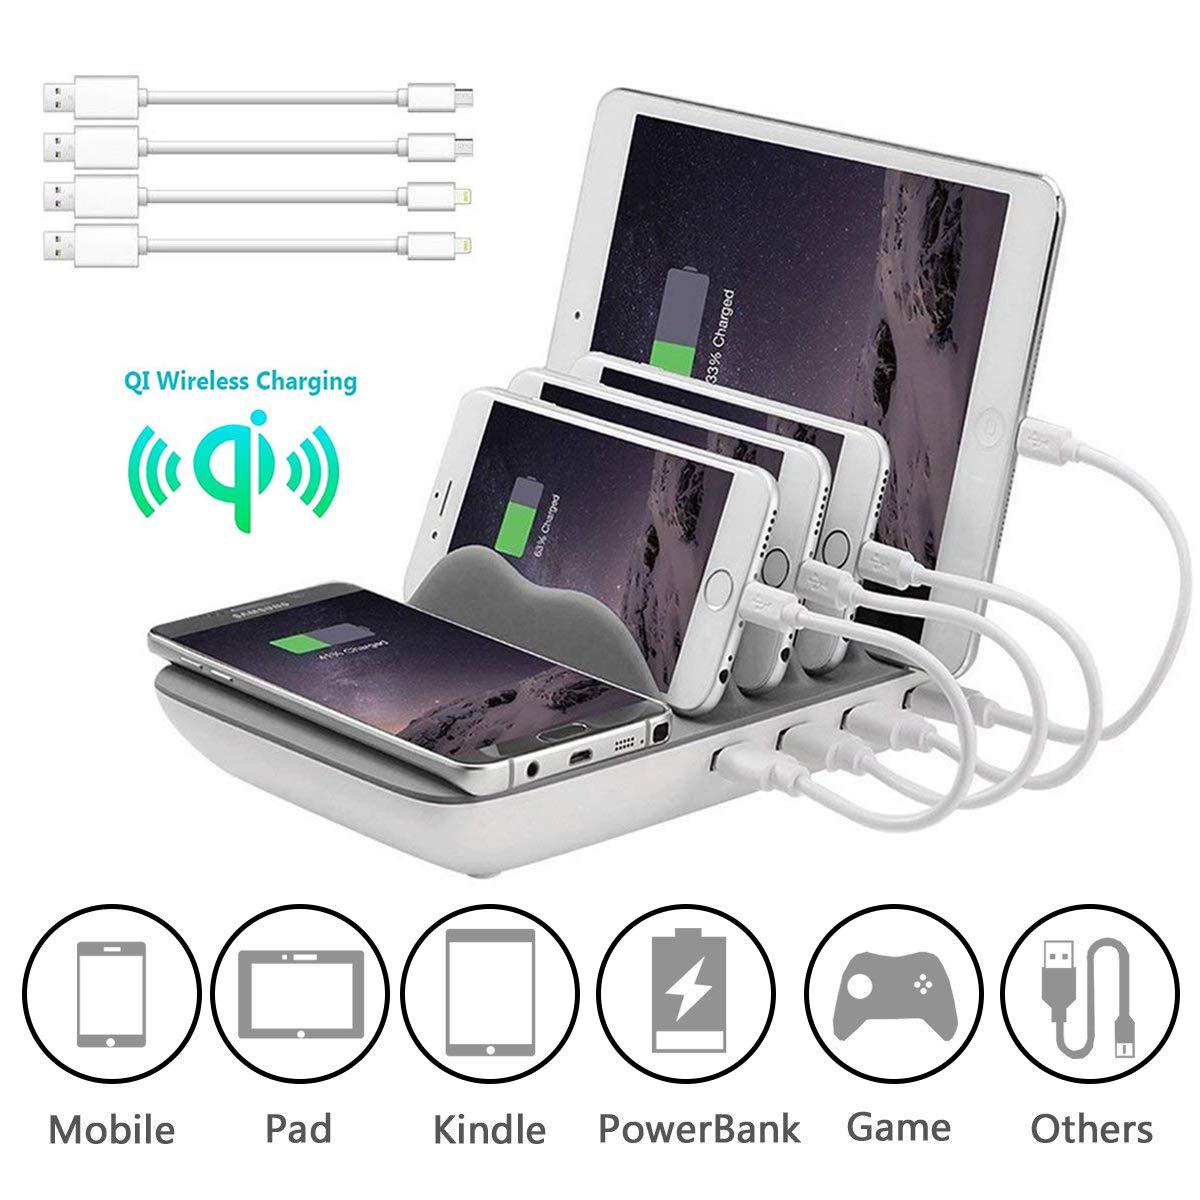 Charging Station Compatible con iOS,Android KidsHobby Estaci/ón de Carga USB con 4 Puertos con Qi Cargador Inalambrico Base de Carga para iPhone X//iPhone 8//7s//6s,Samsungs,Huawei,Tabletas